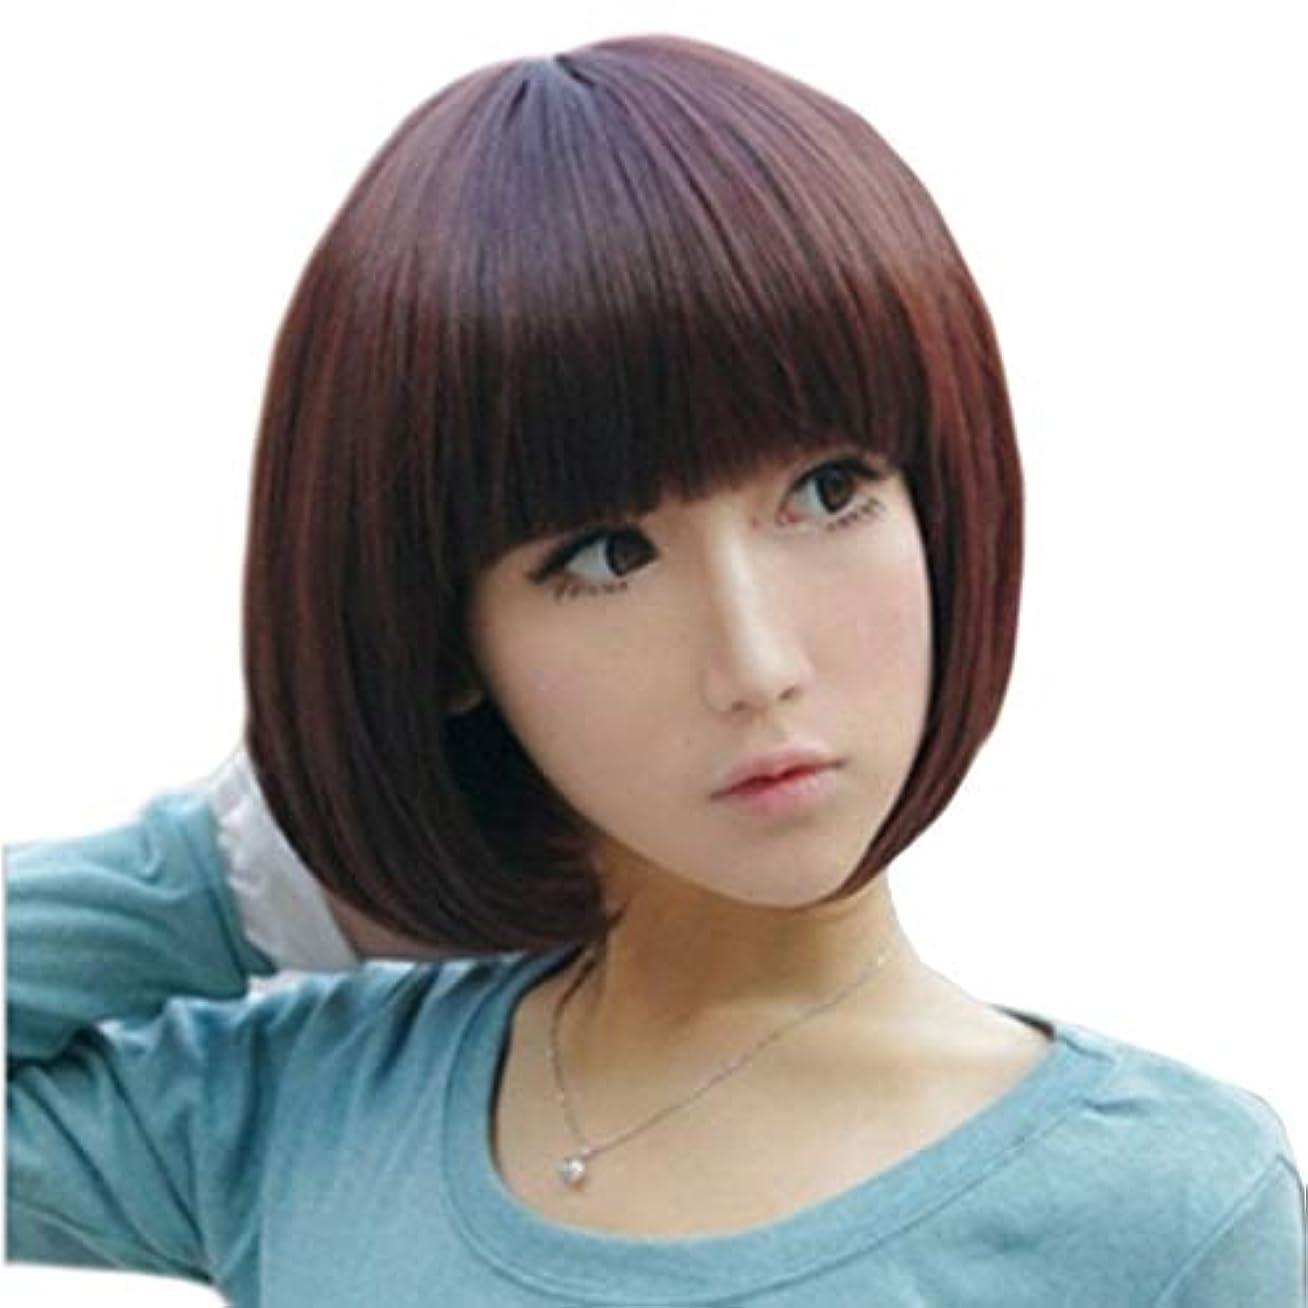 下手データもっとKerwinner 本物の髪のように自然な女性のための平らな前髪でストレートショートボブの髪かつら